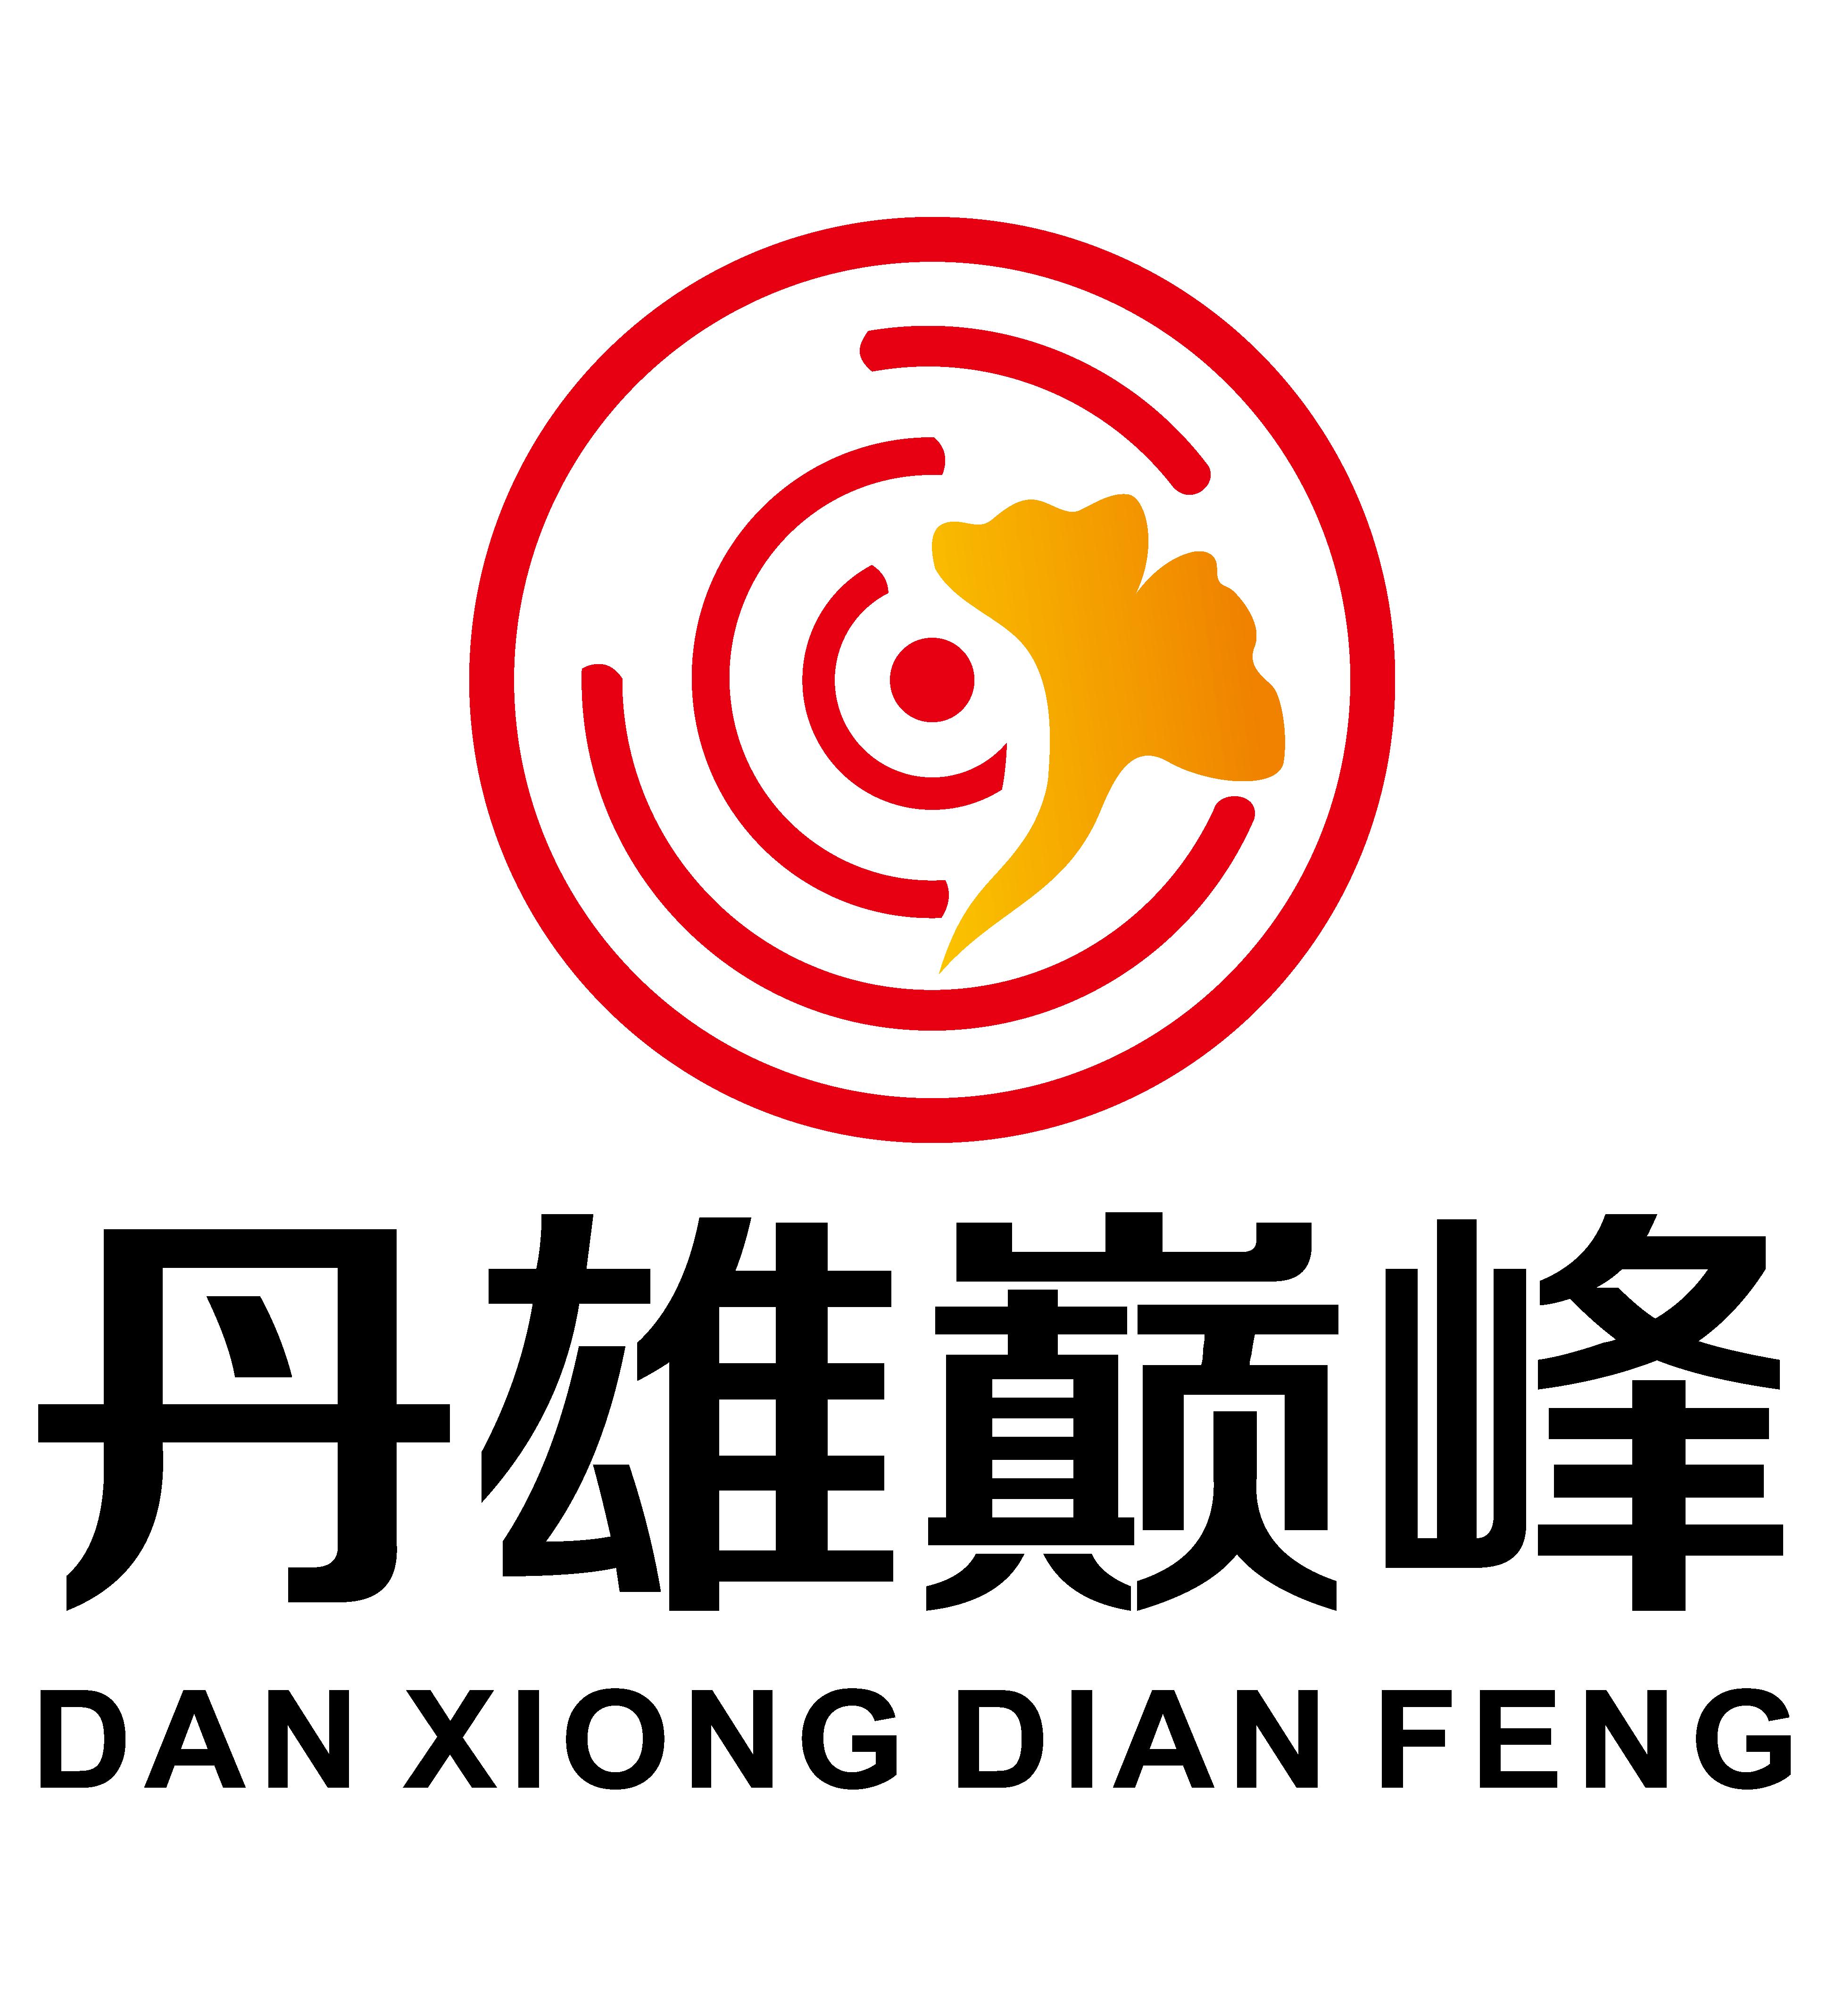 韶关丹雄巅峰旅游运营管理有限公司的企业标志